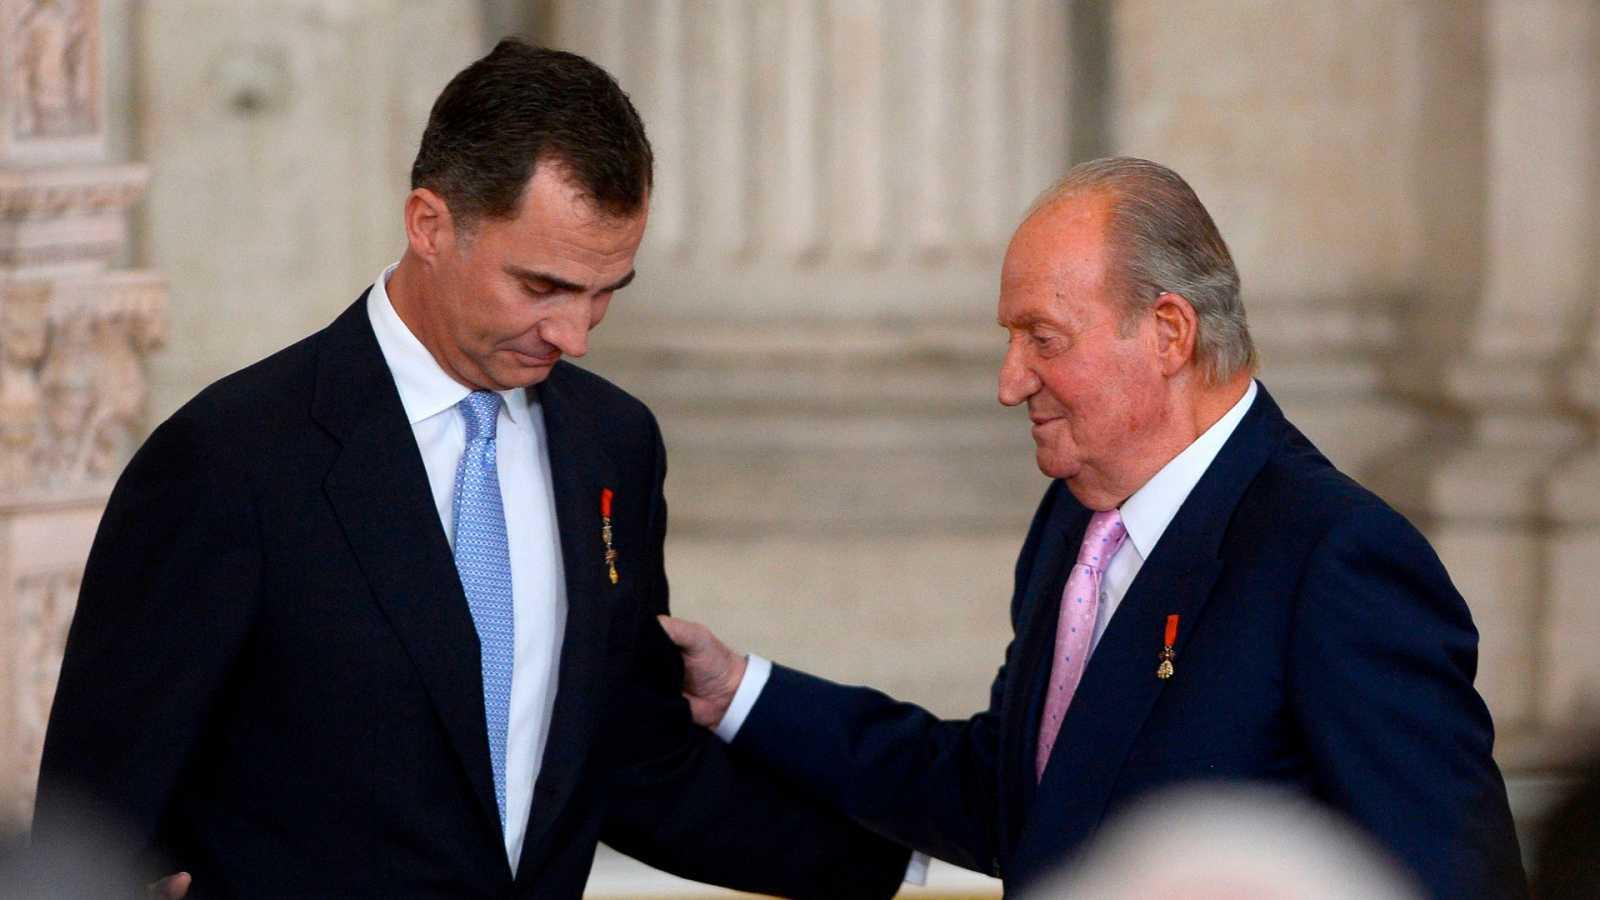 El Rey Juan Carlos I se va fuera de España